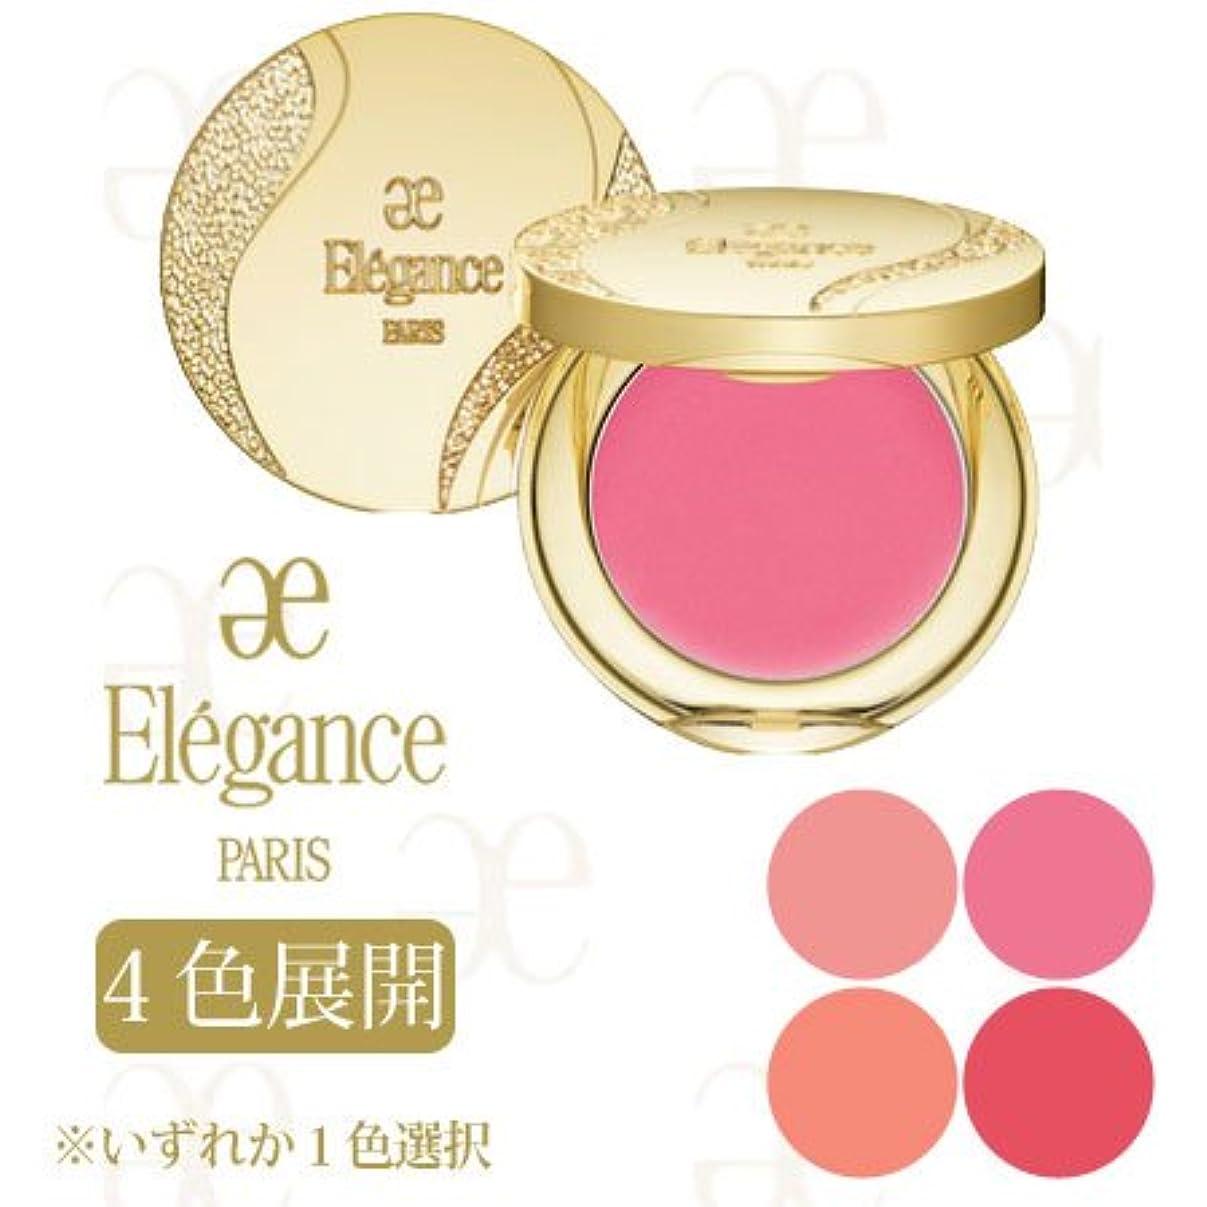 文庫本ドレス最も早いエレガンス スリーク フェイス N (クリームチーク) 全4色展開 -ELEGANCE- PK102